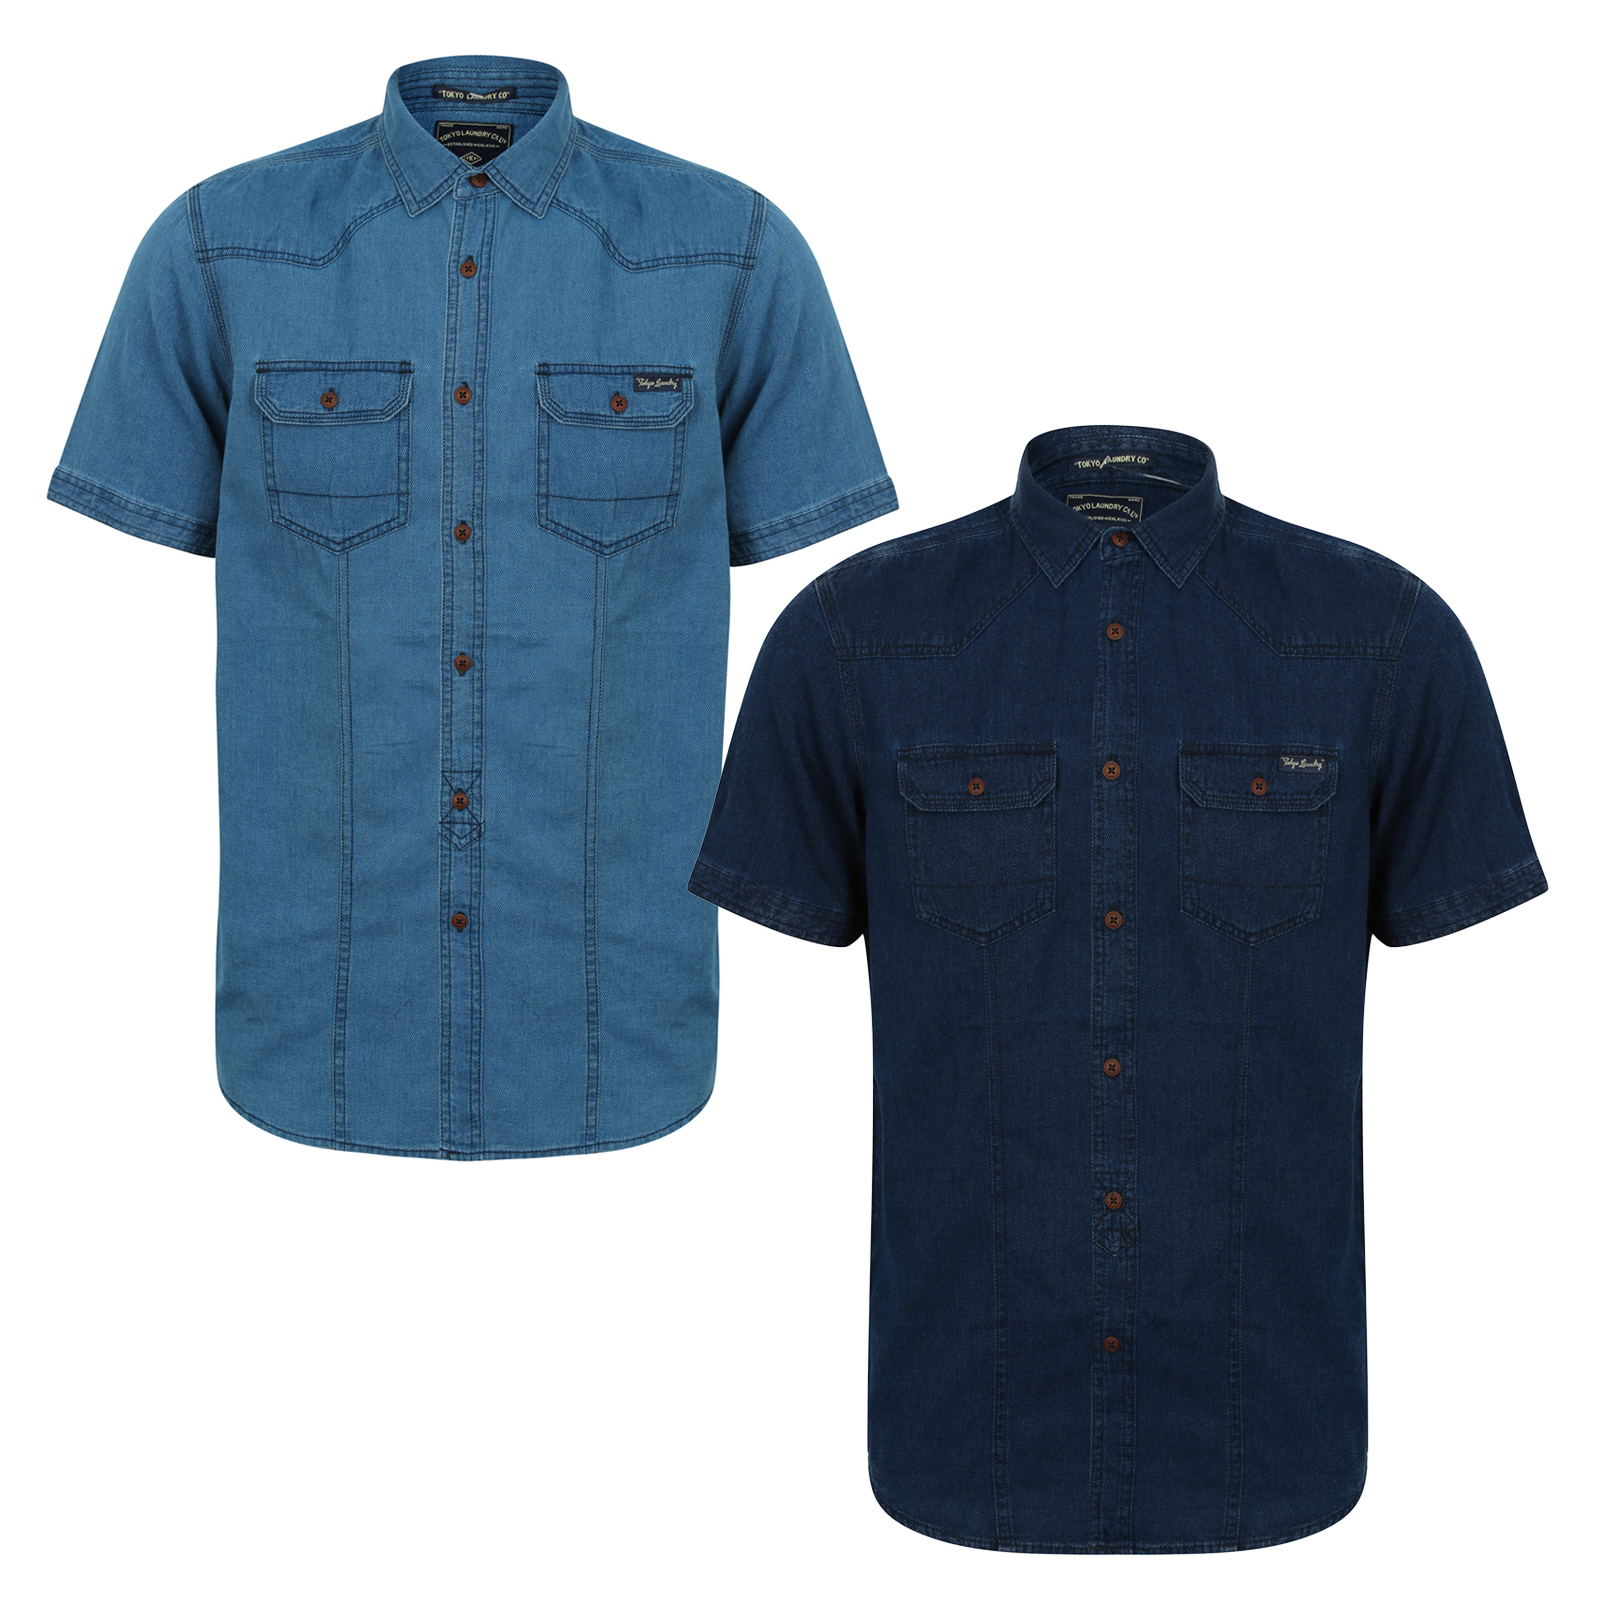 Barry Jean 2XL Mens Button Casual Shirt Short Sleeve